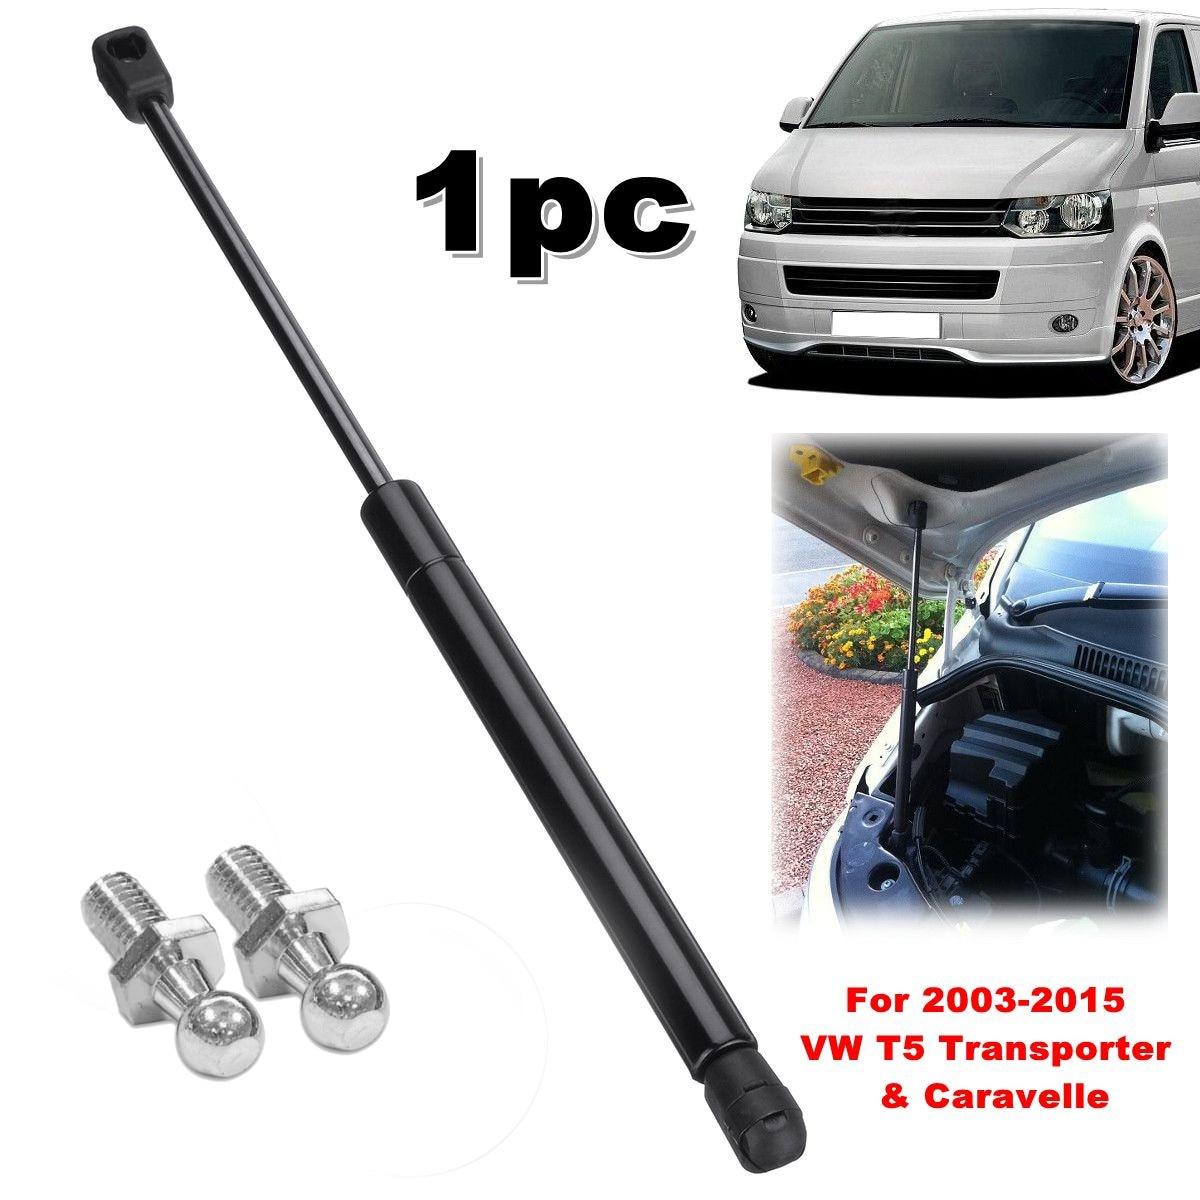 1Pc Front Motorhaube Unterstützung Gas Strut 7E0823359 Für Volkswagen VW T5 Transporter Caravelle 2003 2004 2005 2006 2007 -2015